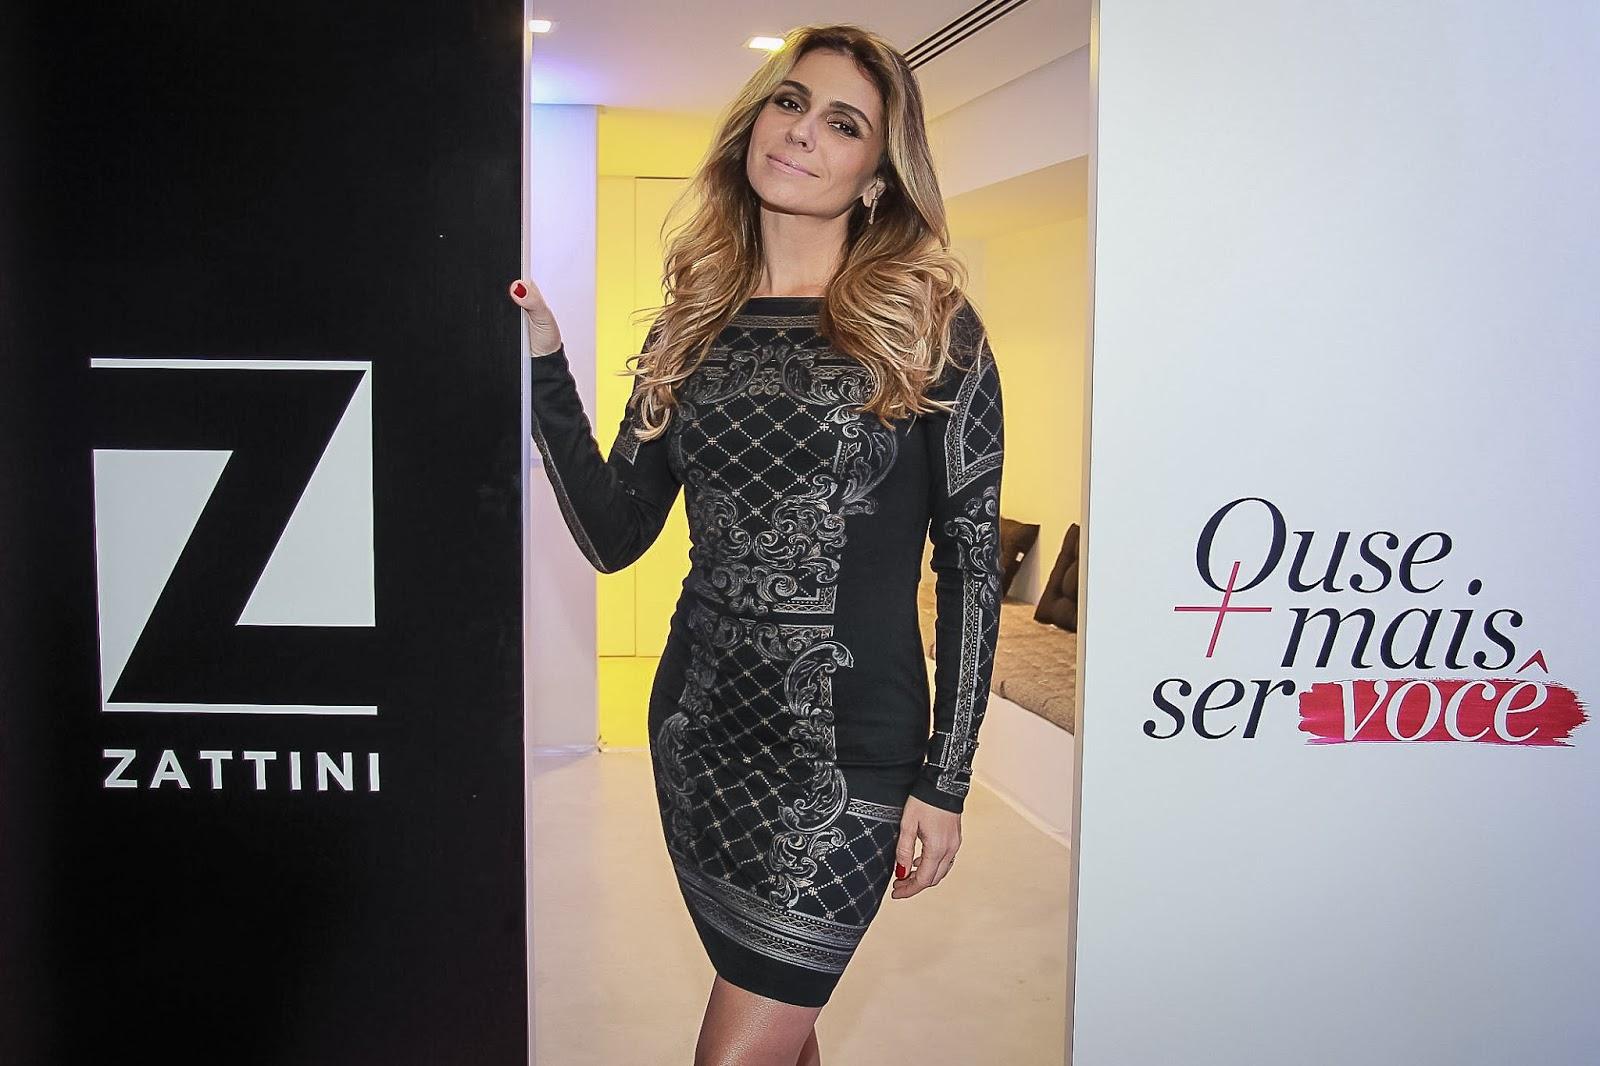 ffdceffa3e5a5 Muitos eventos esta semana, e ontem aconteceu em São Paulo a festa de  parceria da Zattini com a linda Giovanna Antonelli, alguém tem dúvidas que  será um ...